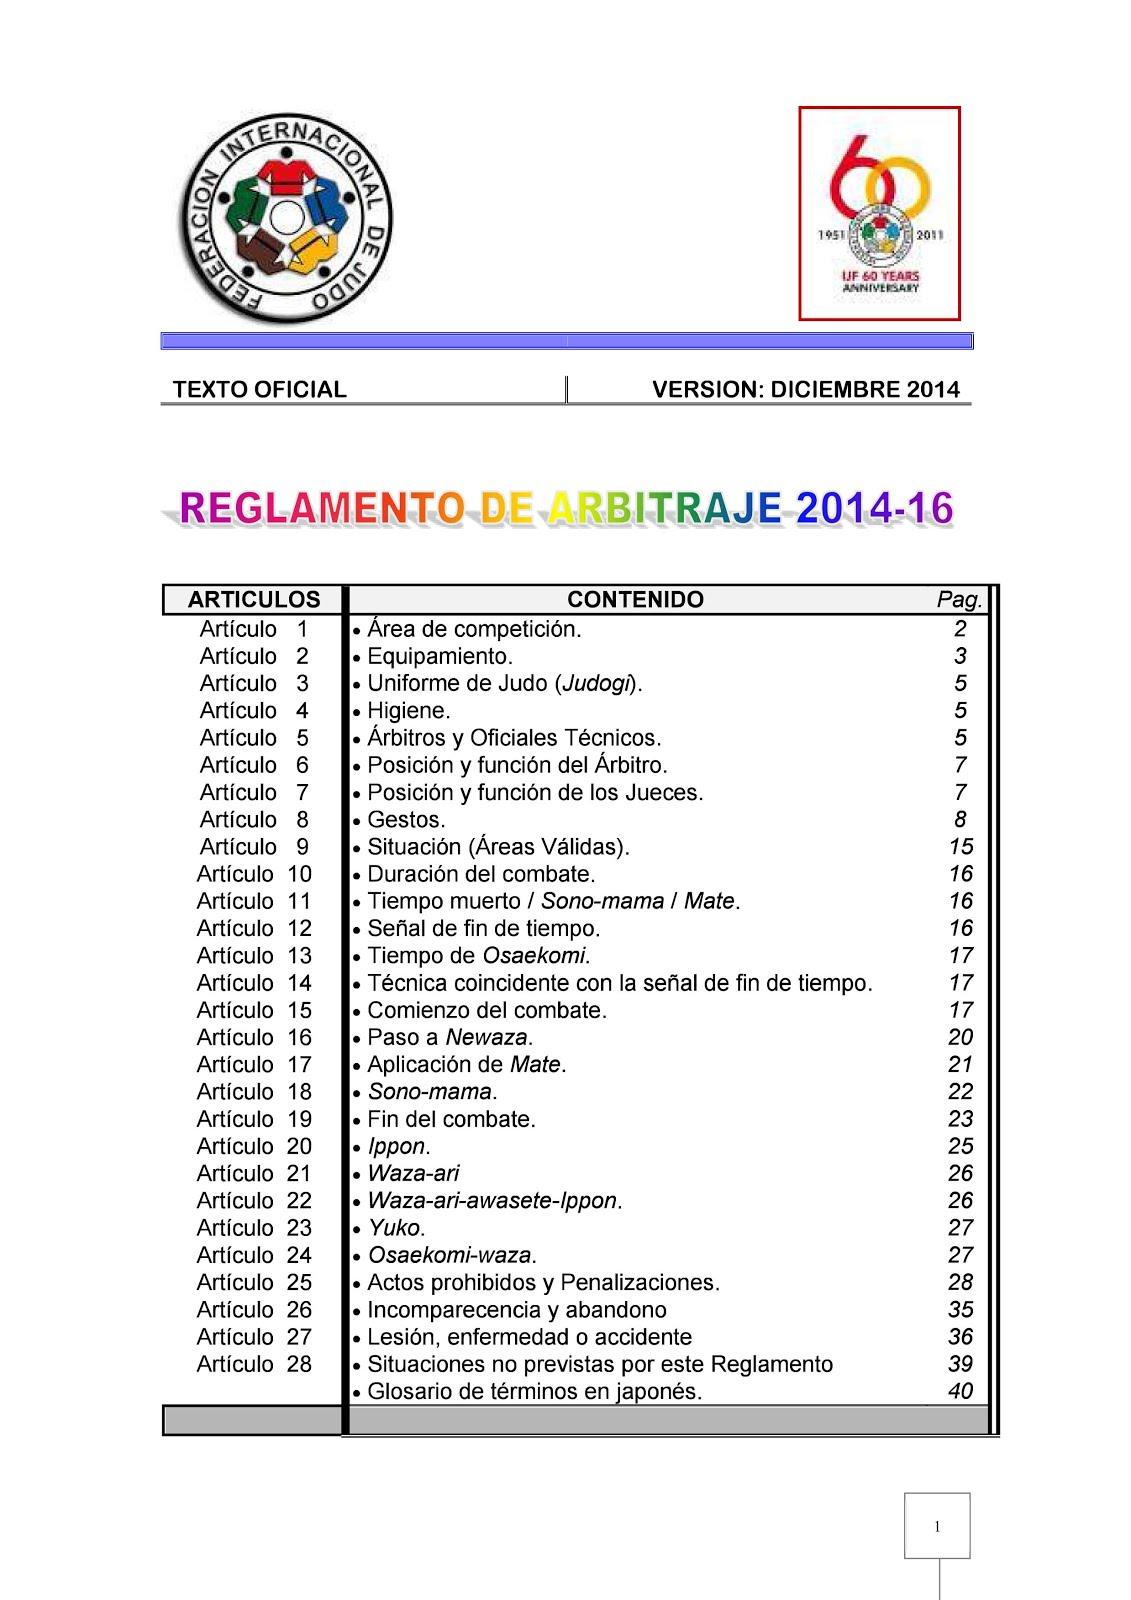 REGLAMENTO ARBITRAJE 2014-2016